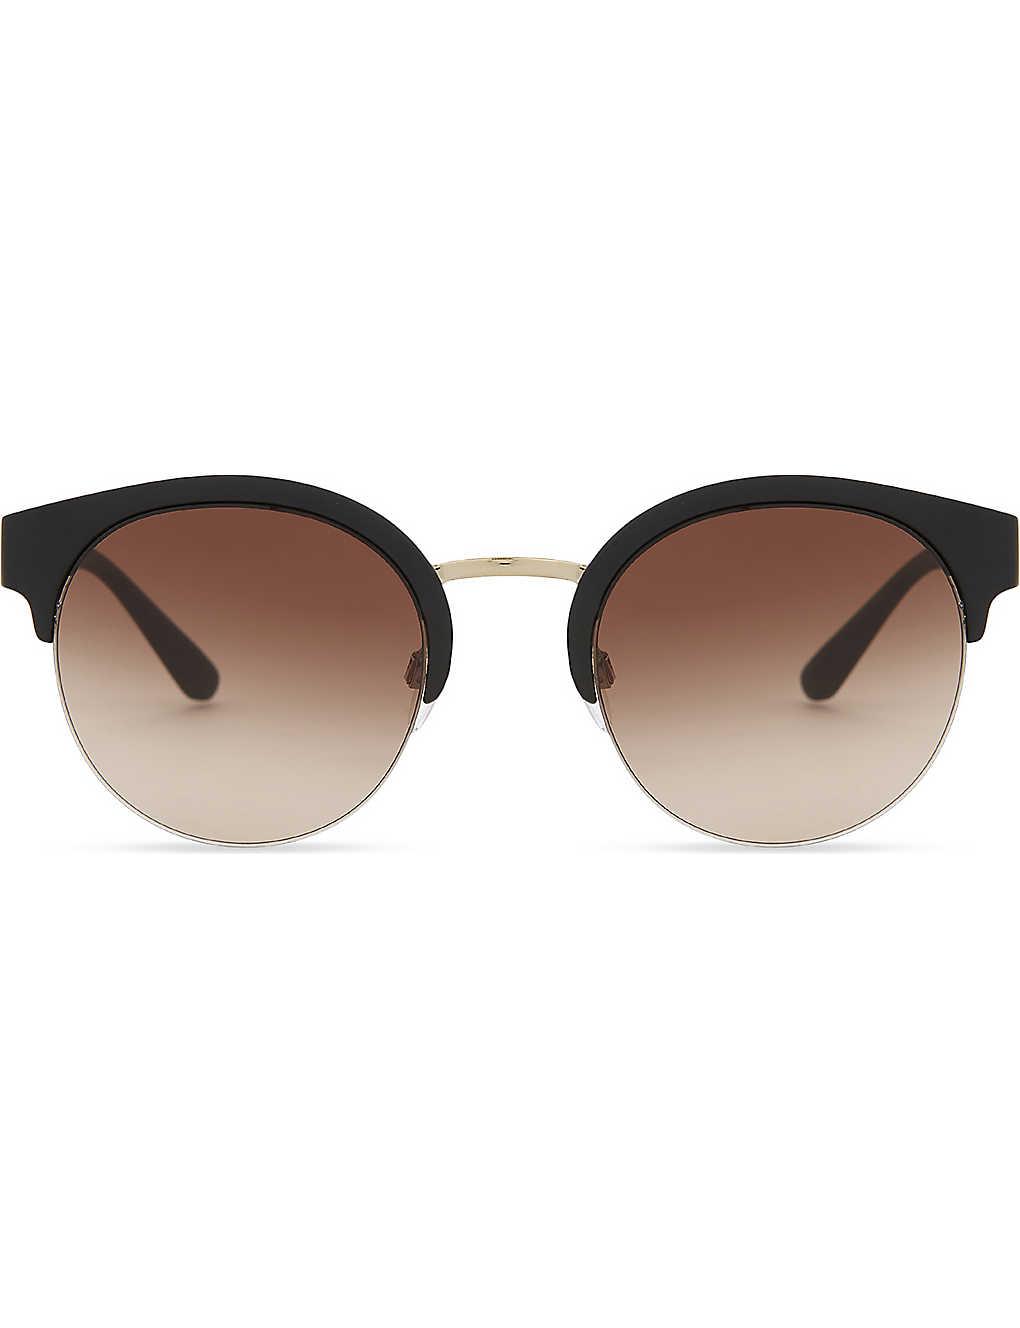 0e01e556b6 BURBERRY - Be4241 check-detail round half-frame sunglasses ...